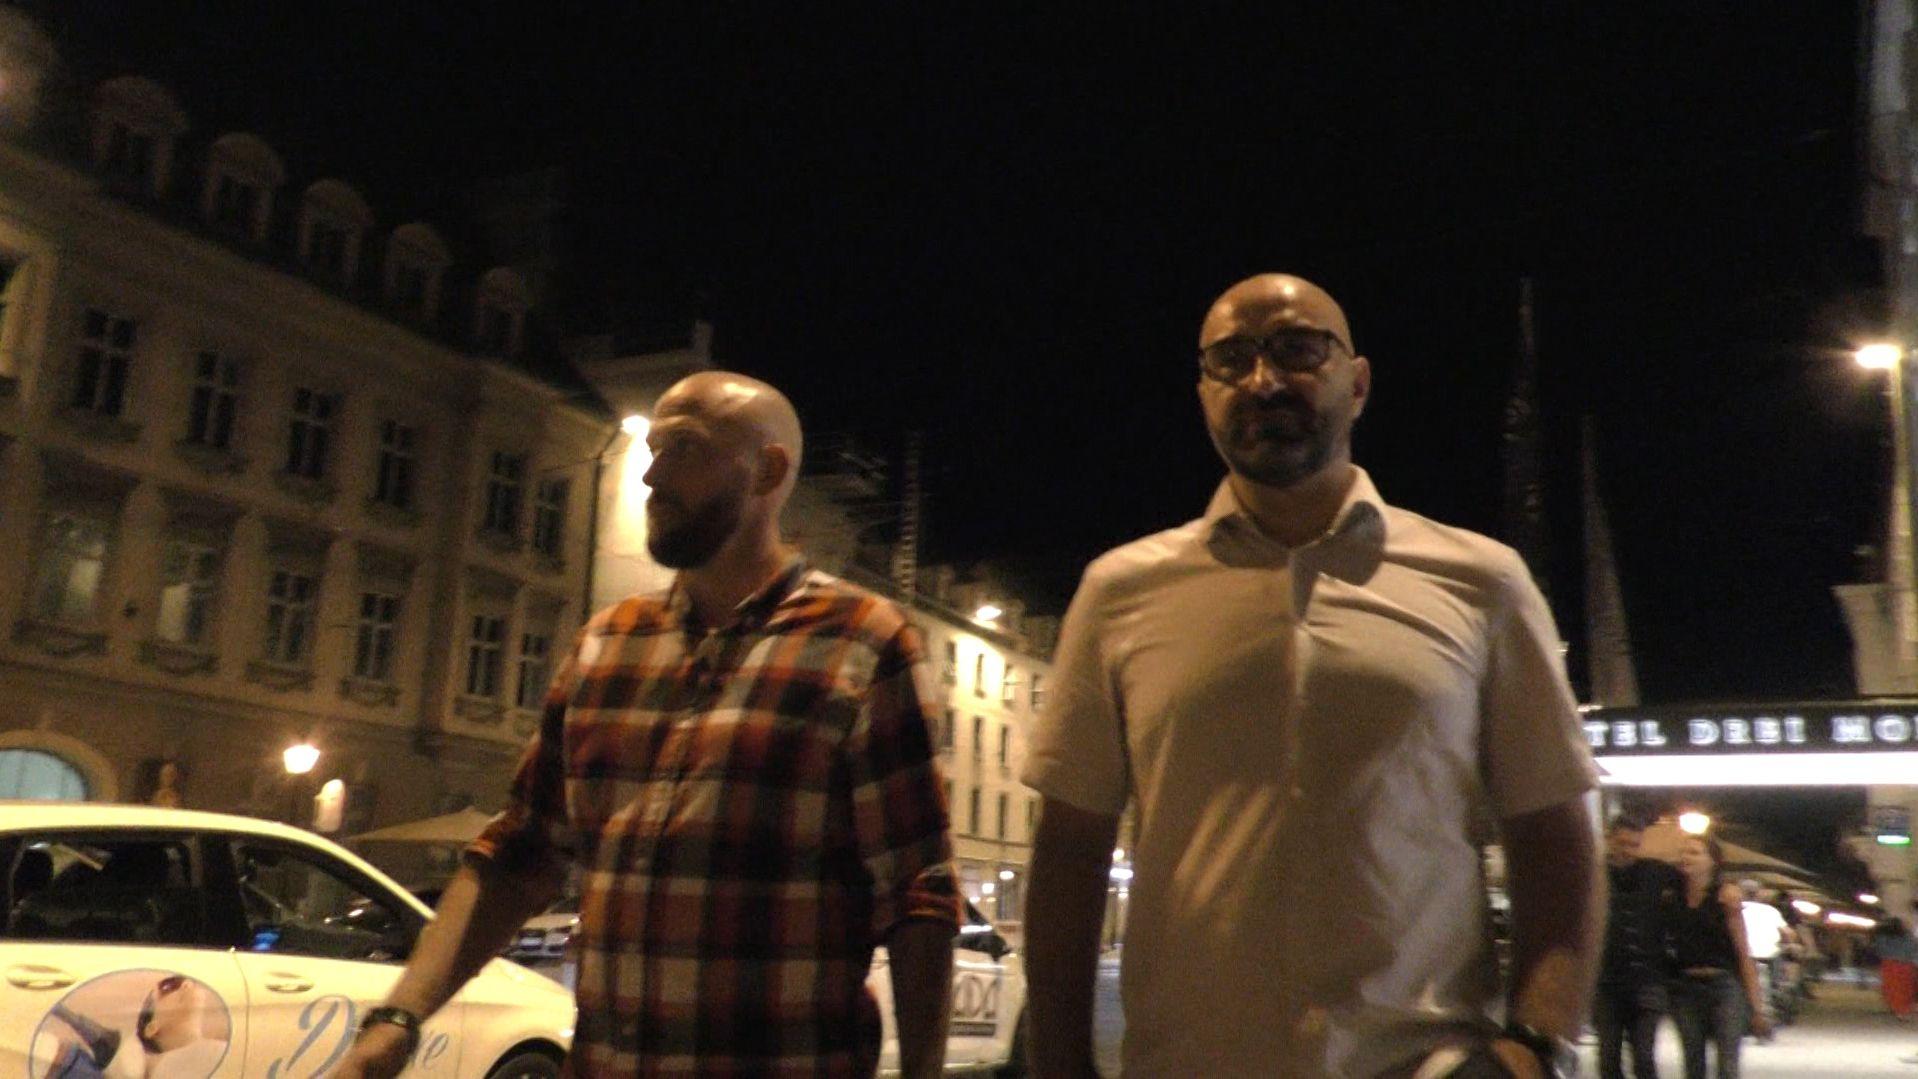 Die Augsburger Nachtmanager Stefan Salz und Alen Maslac